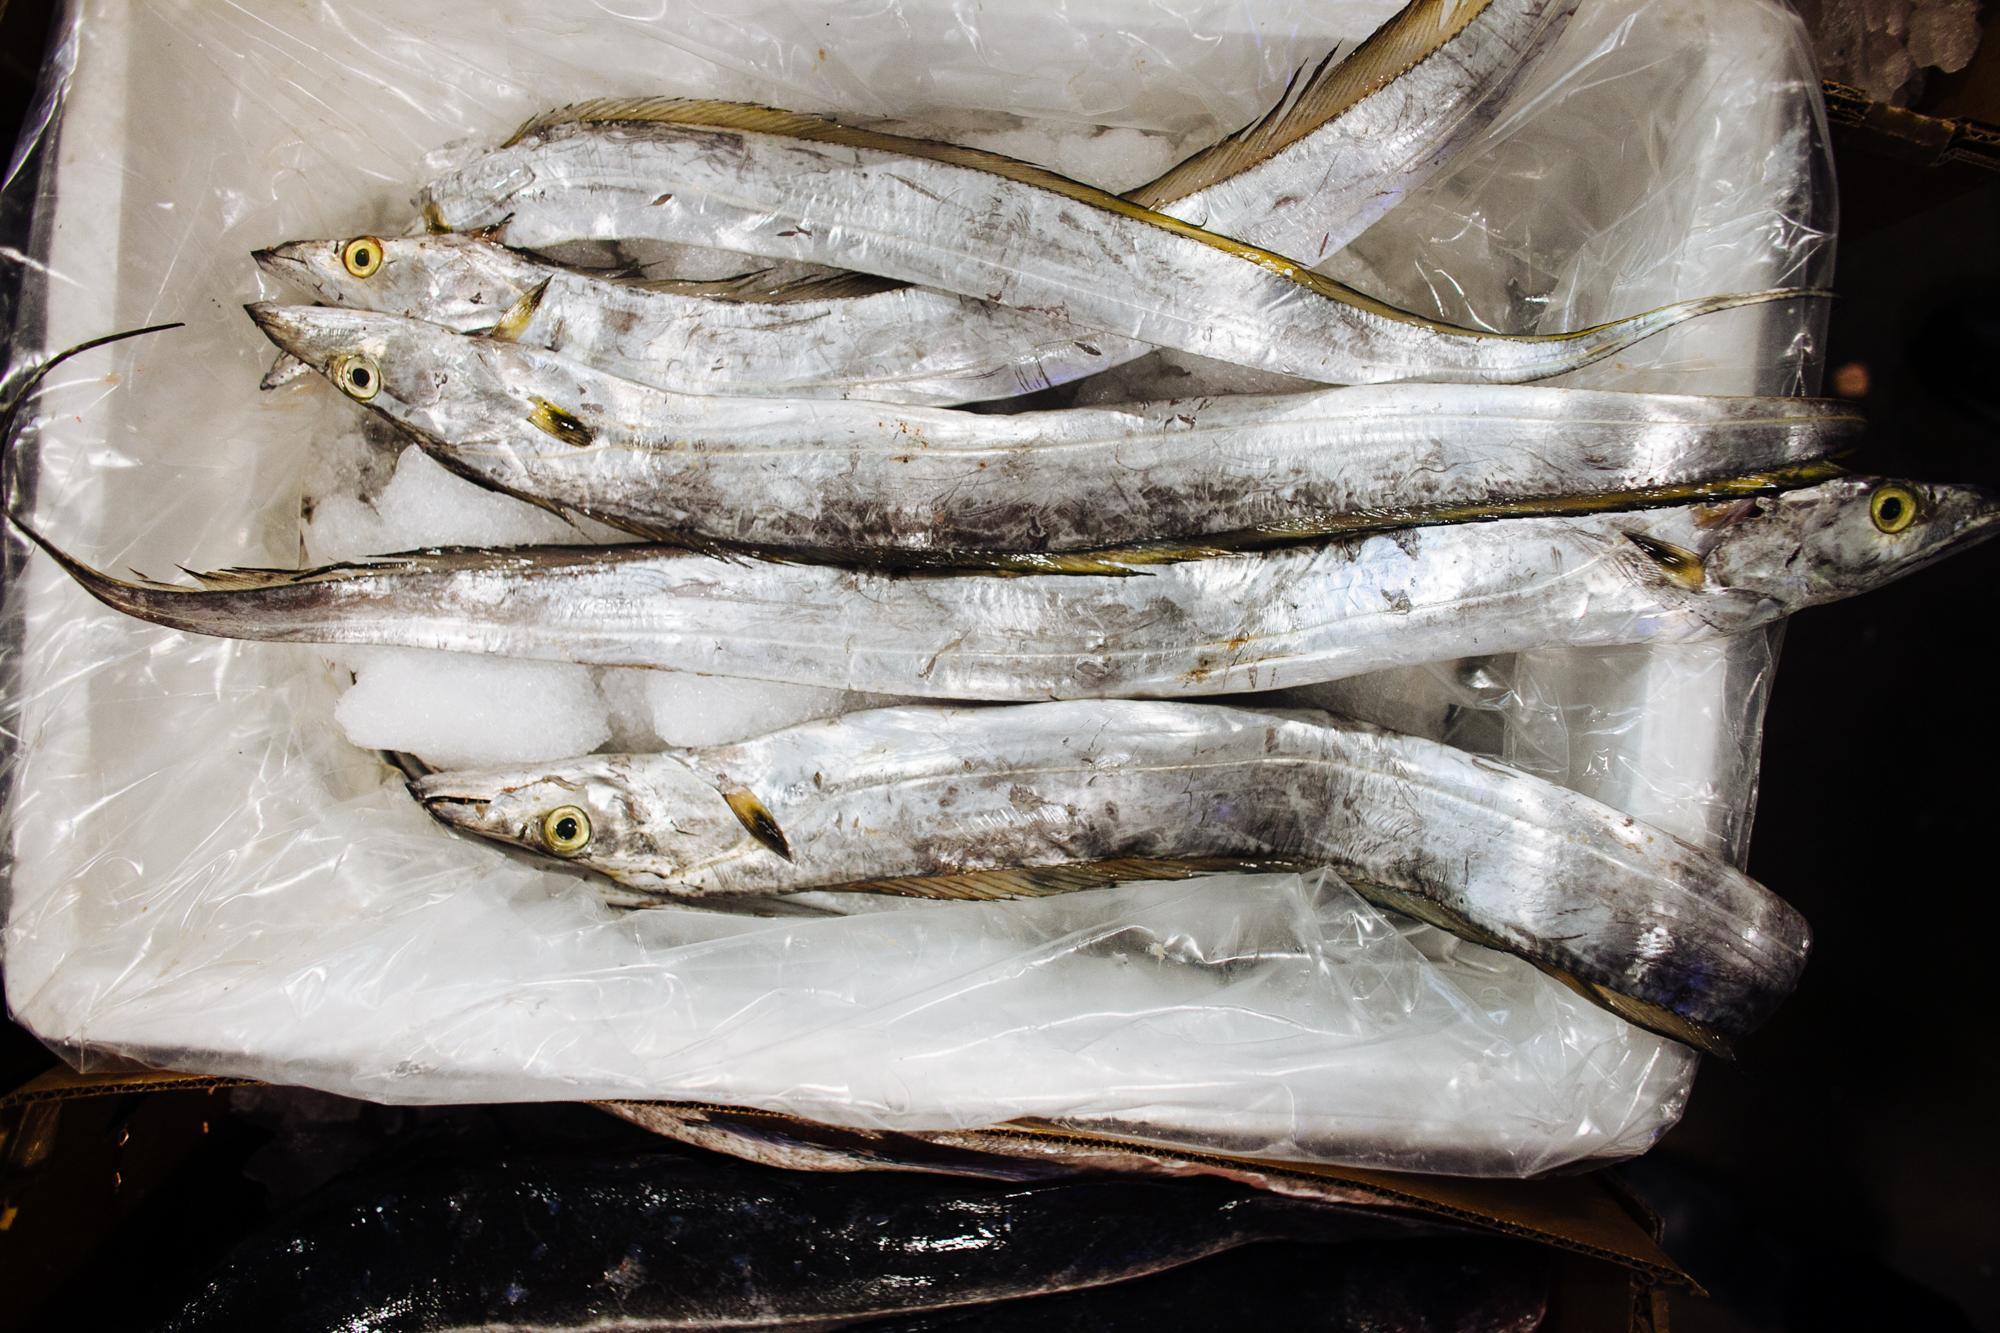 HeatherPhelpsLipton-Fish-HuntsPoint-FultonFishMarket-21.jpg